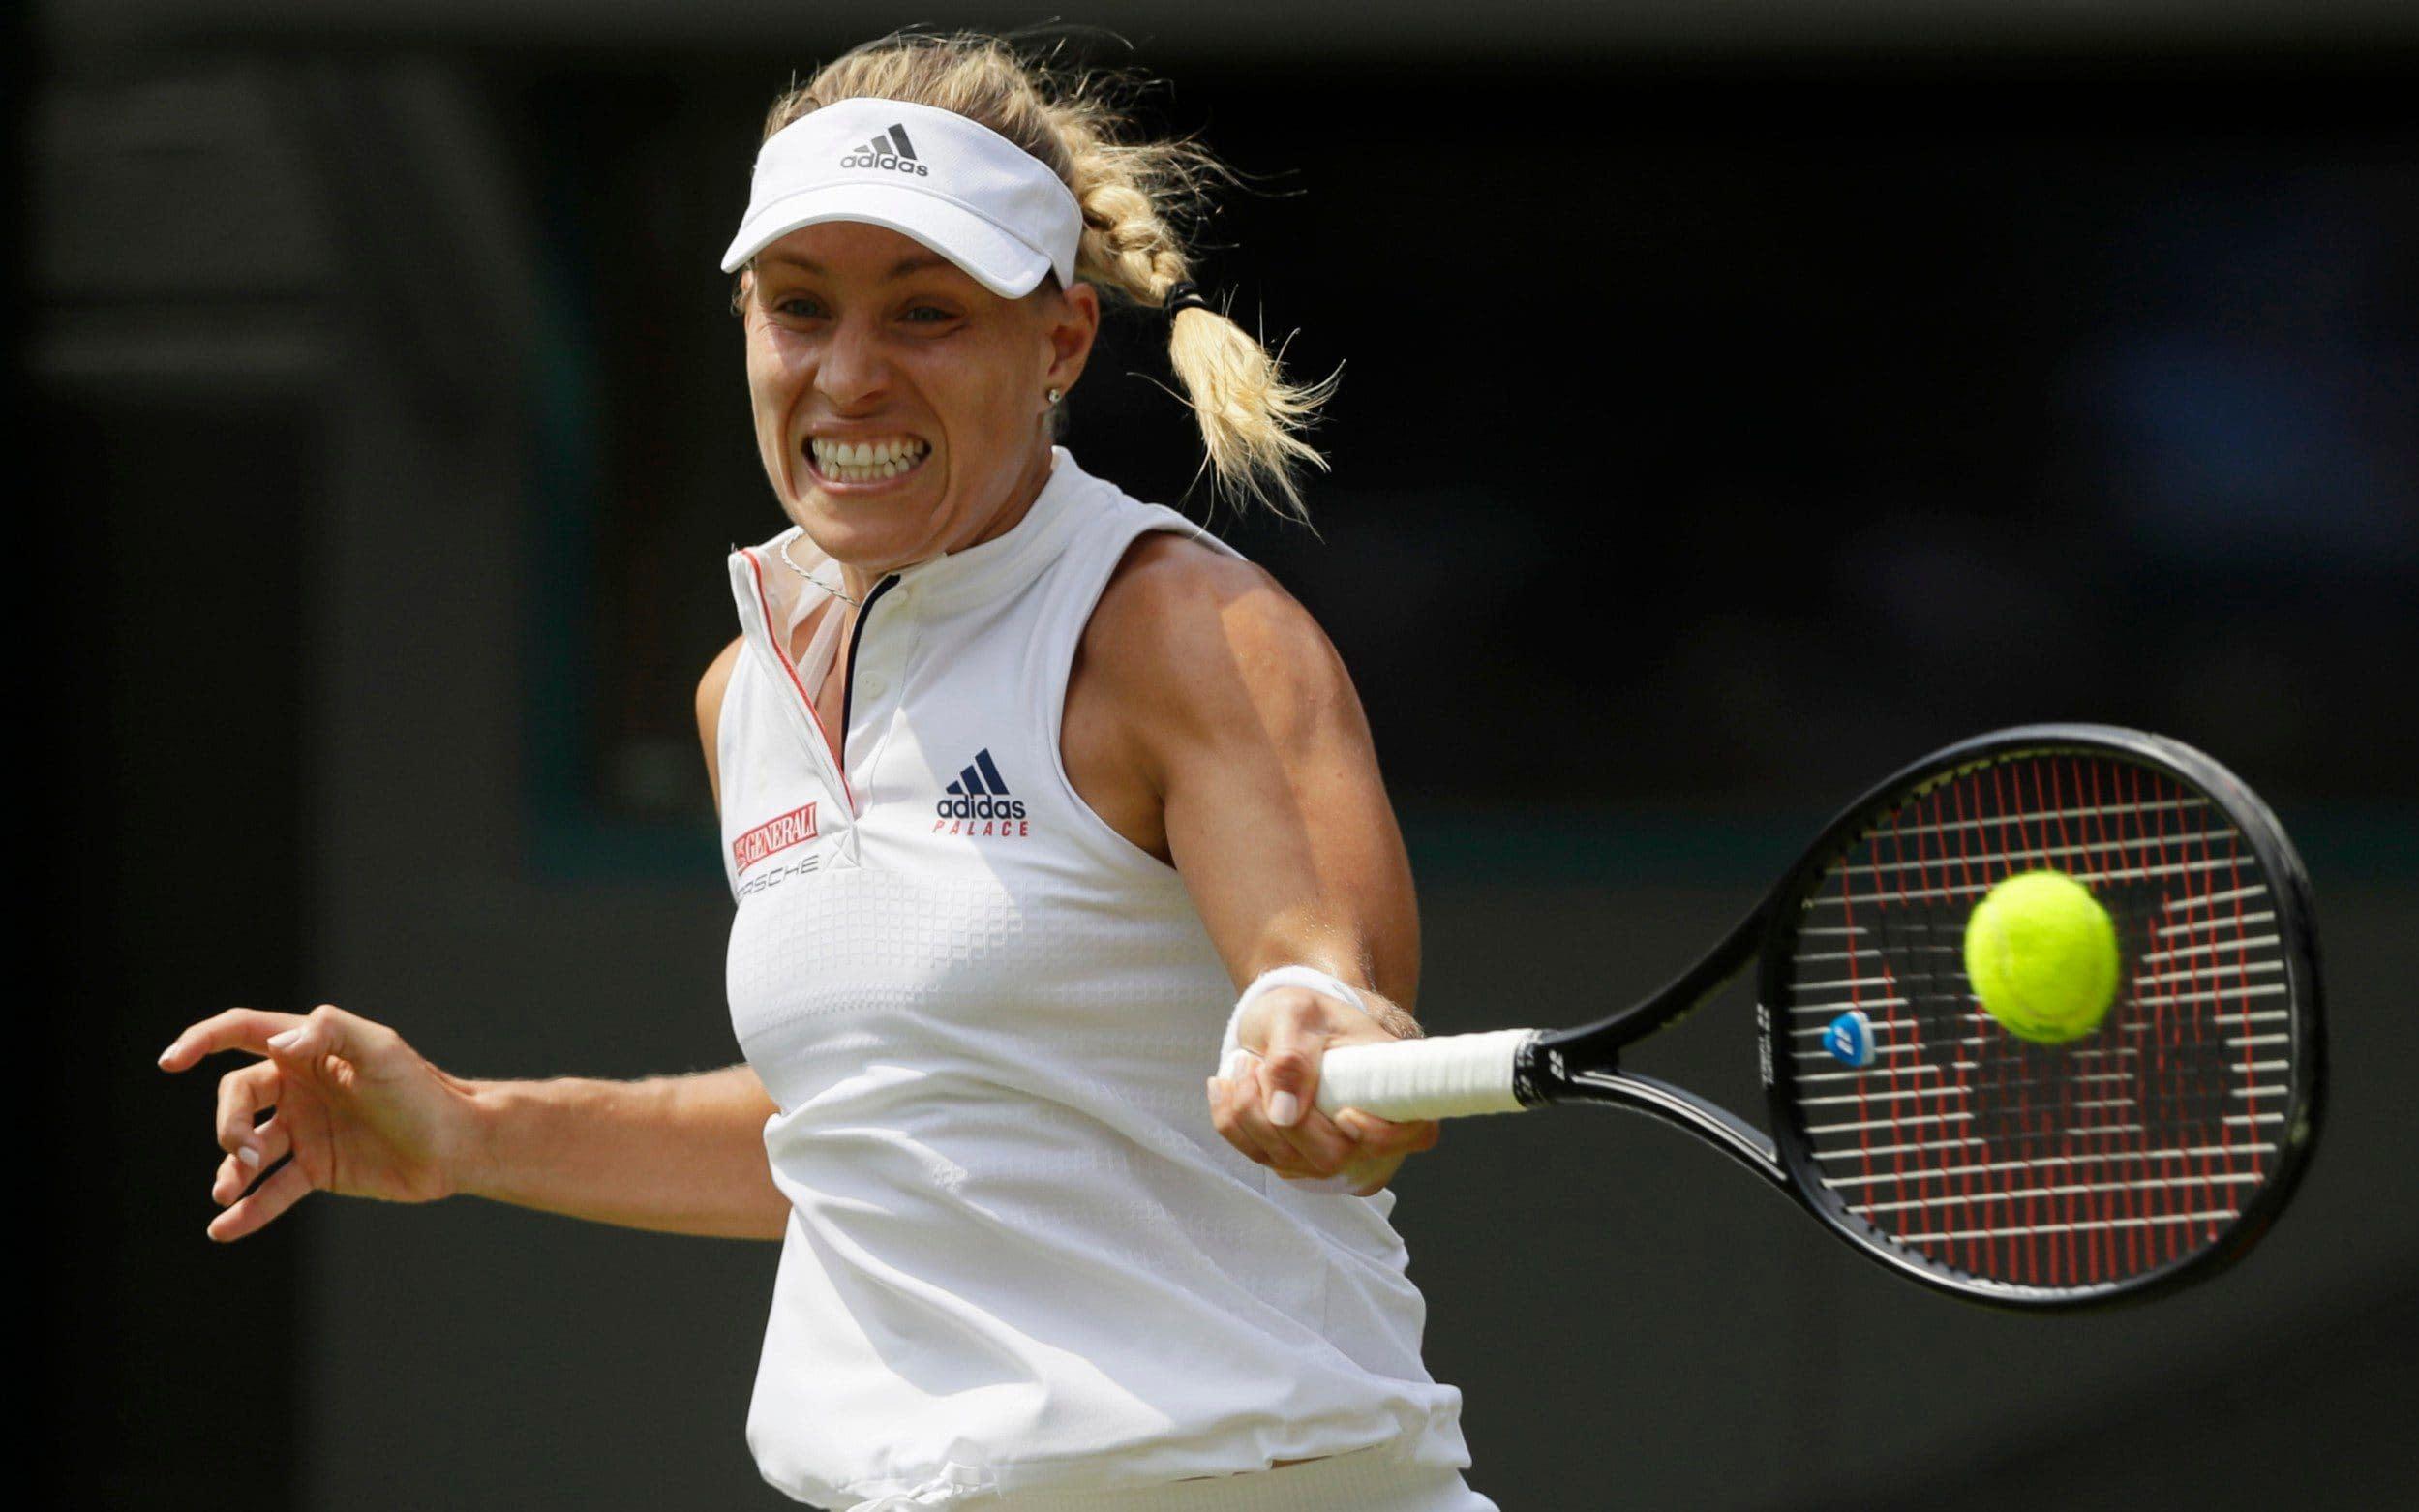 Angelique Kerber vs Daria Kasatkina, Wimbledon 2018: live